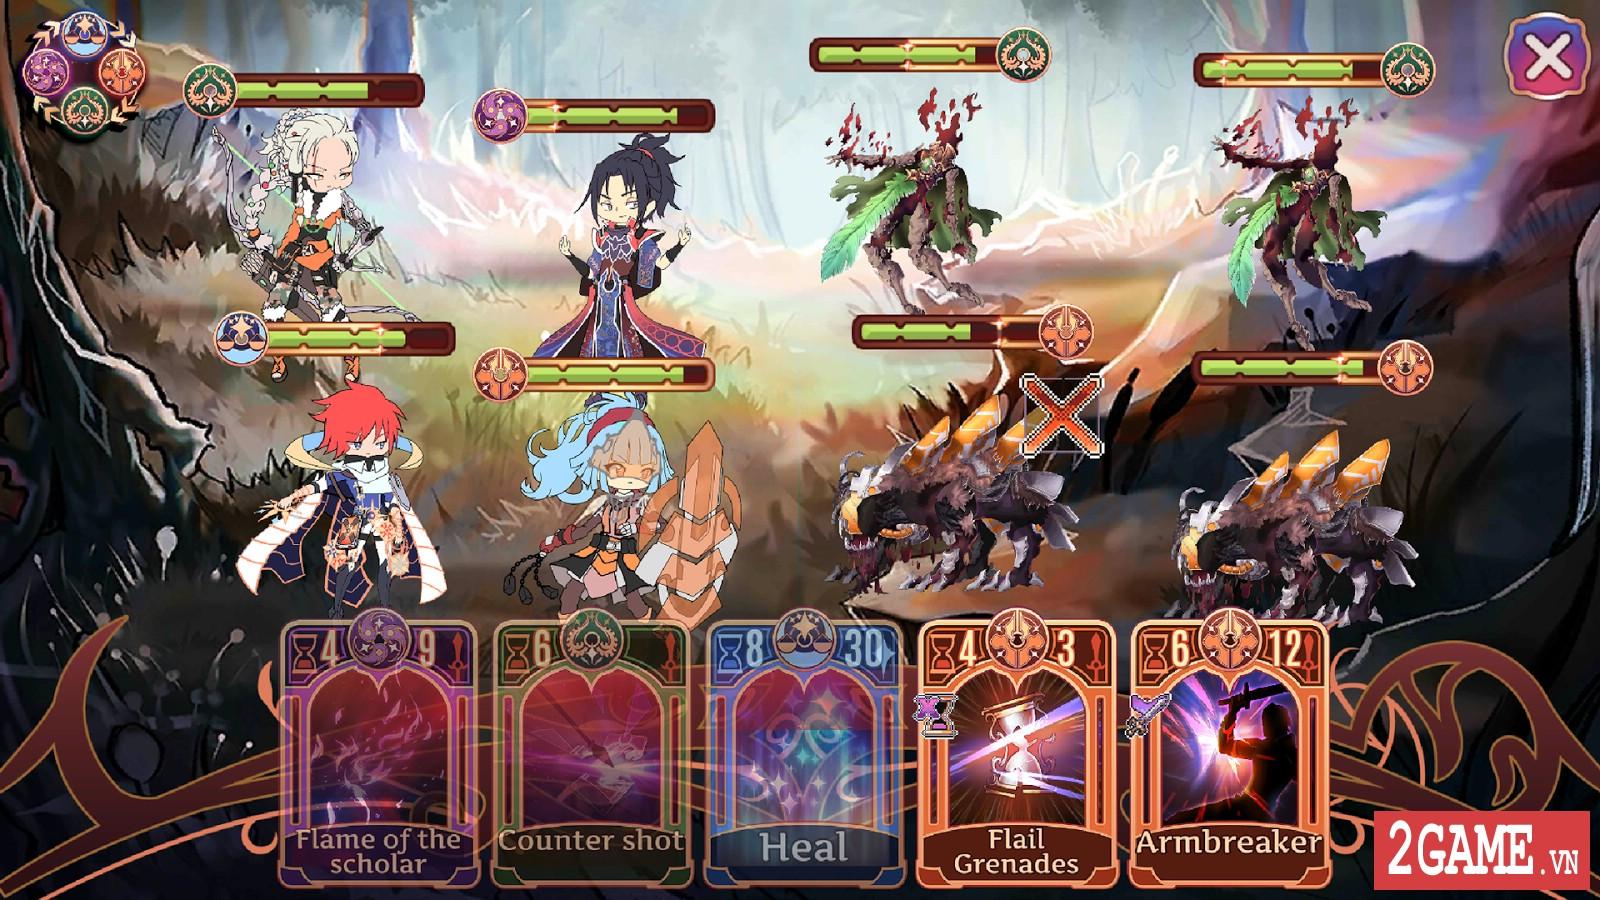 Golden Arcana: Tactics – Game đấu thẻ bài kết hợp nhập vai mang đậm phong cách anime 4